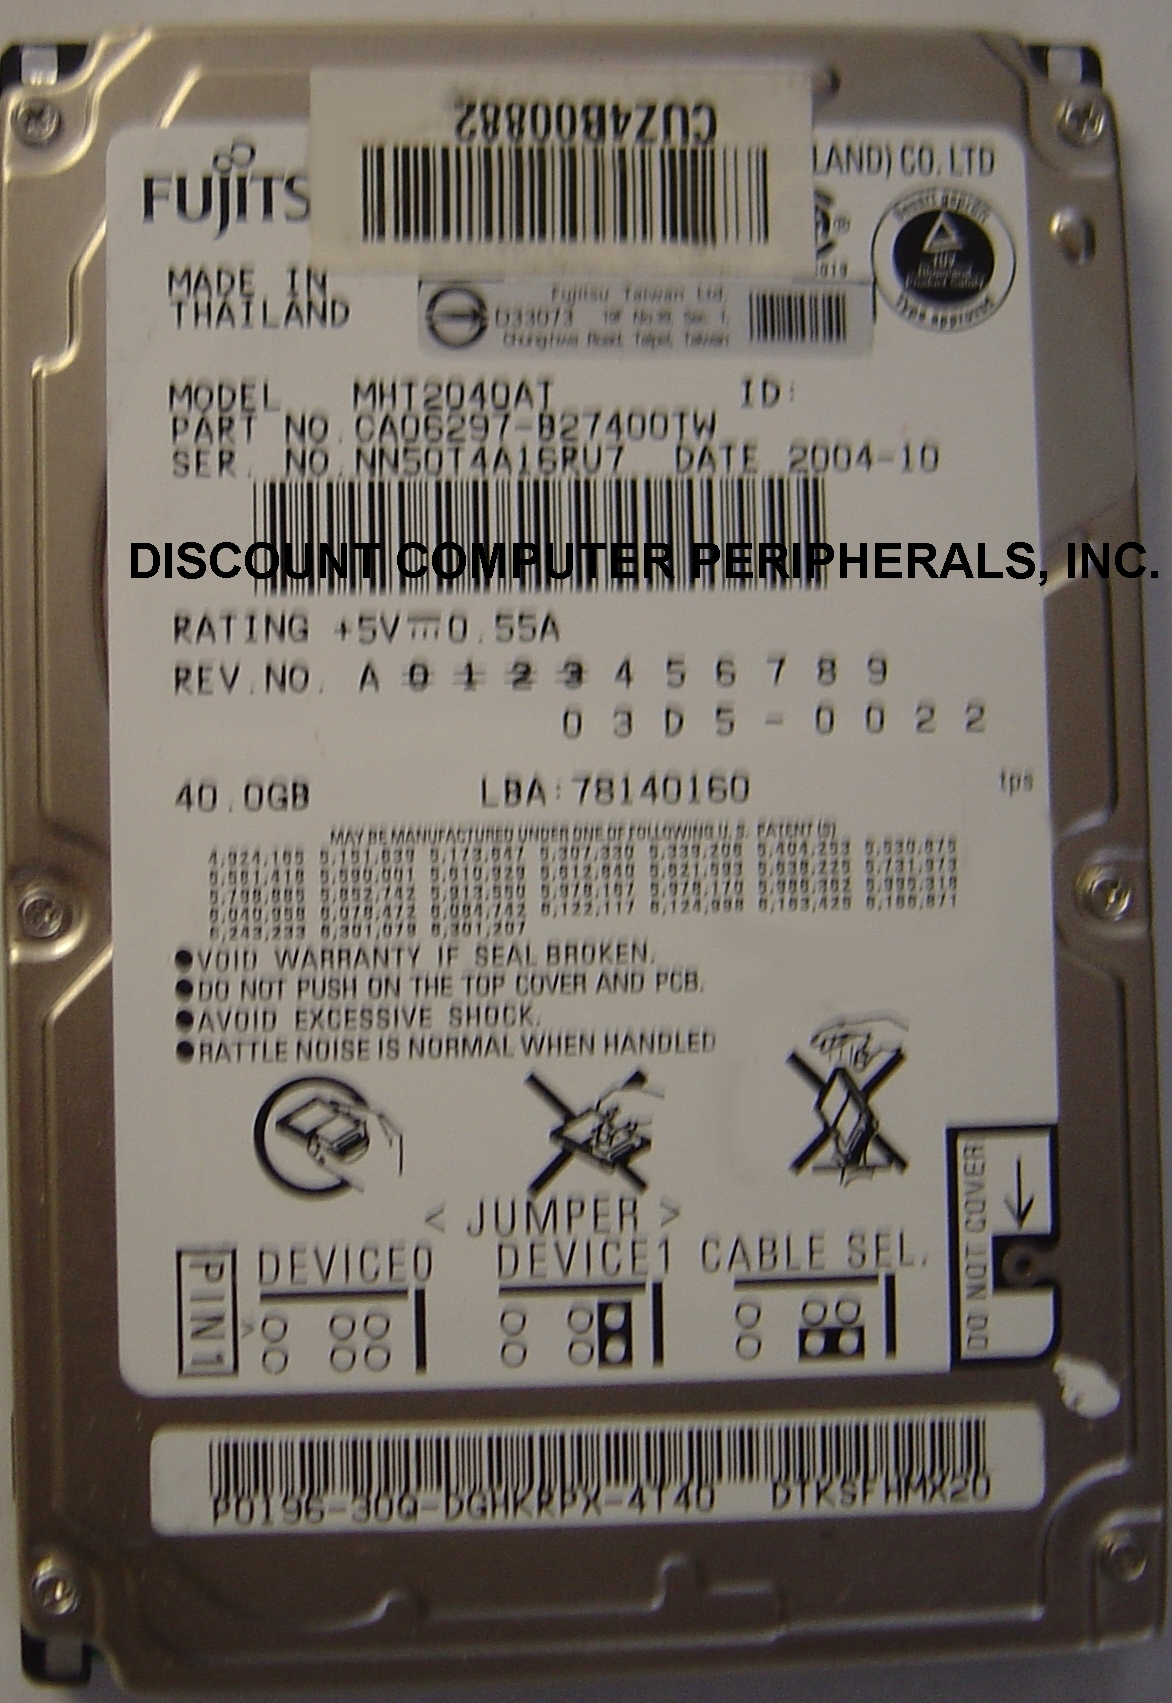 Fujitsu MHT2040AT_NEW